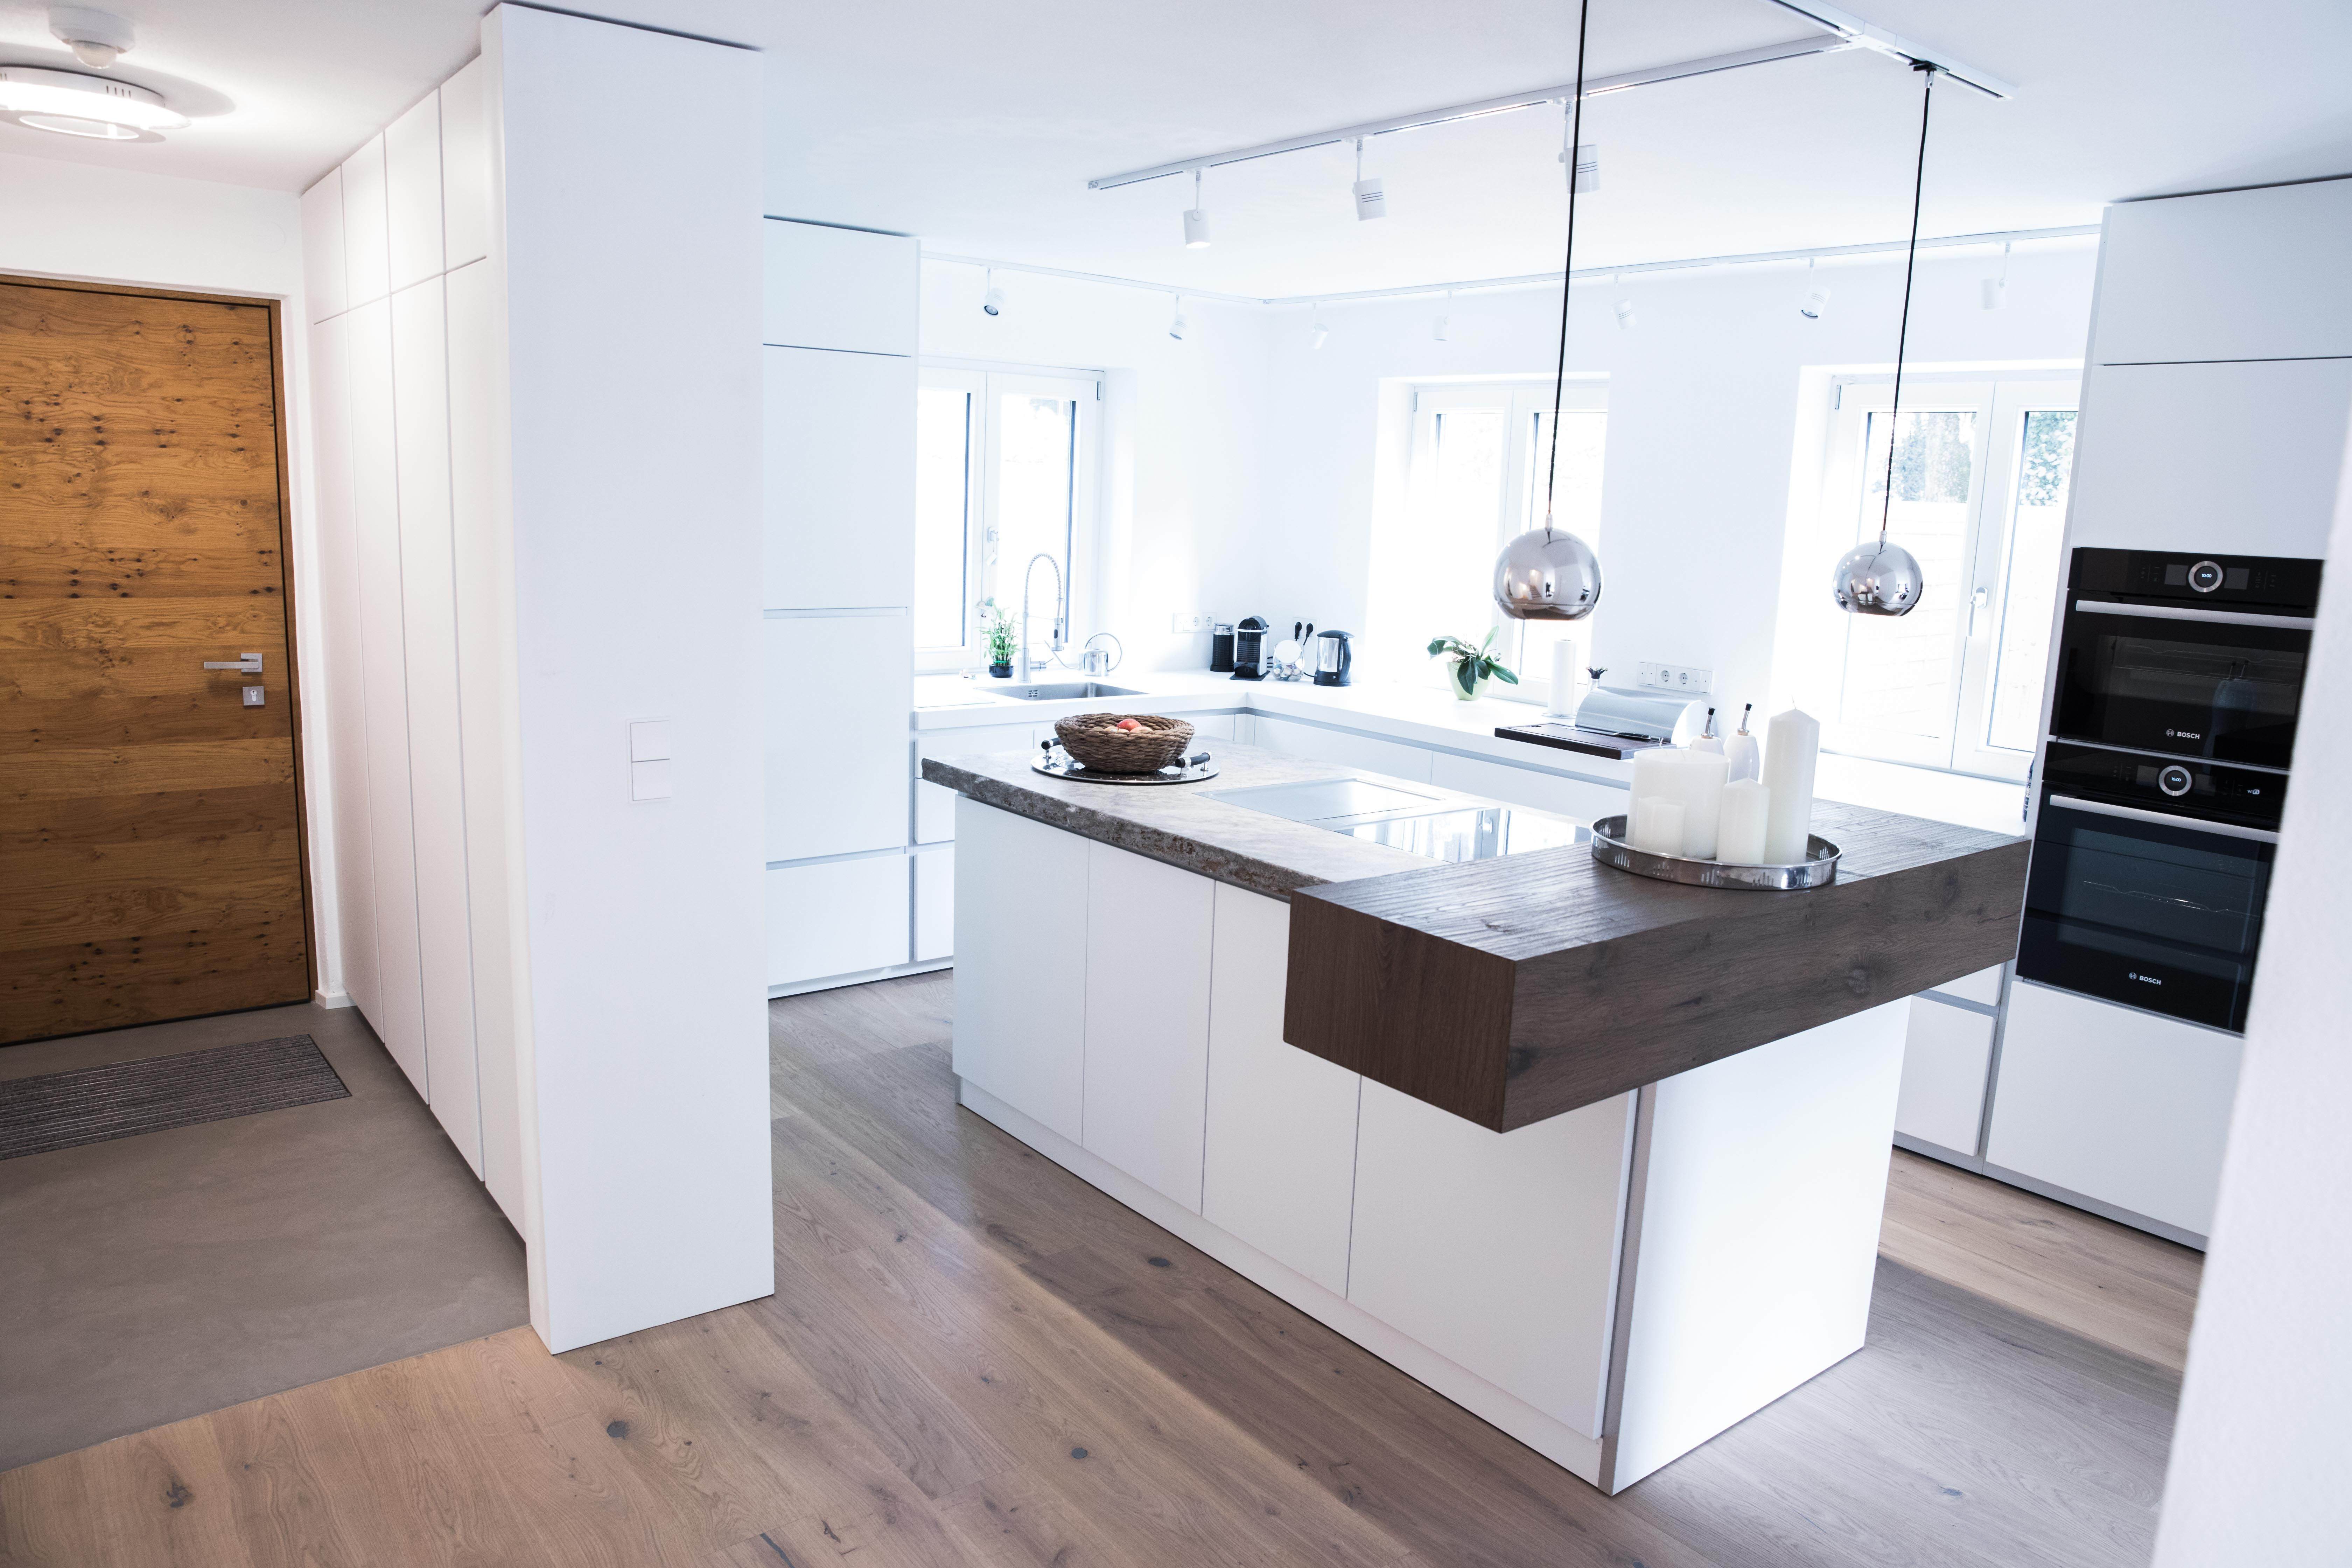 Küchen mit Designboden ohne Fliesen und Fugen   Fussboden fliesen, Sichtestrich, Design